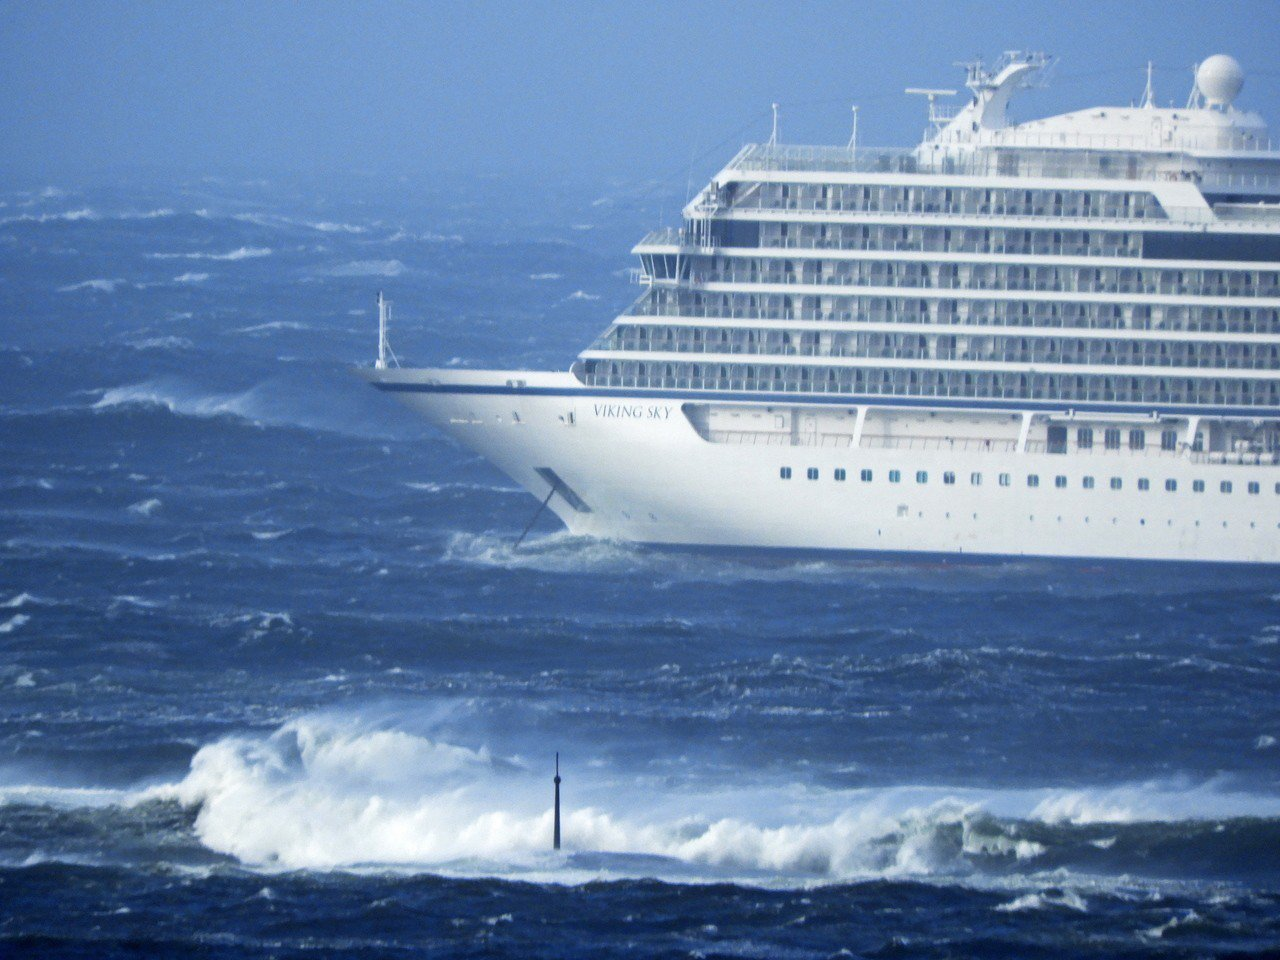 挪威一艘載有1300名乘客和船員的郵輪23日因引擎故障受困海上。歐新社